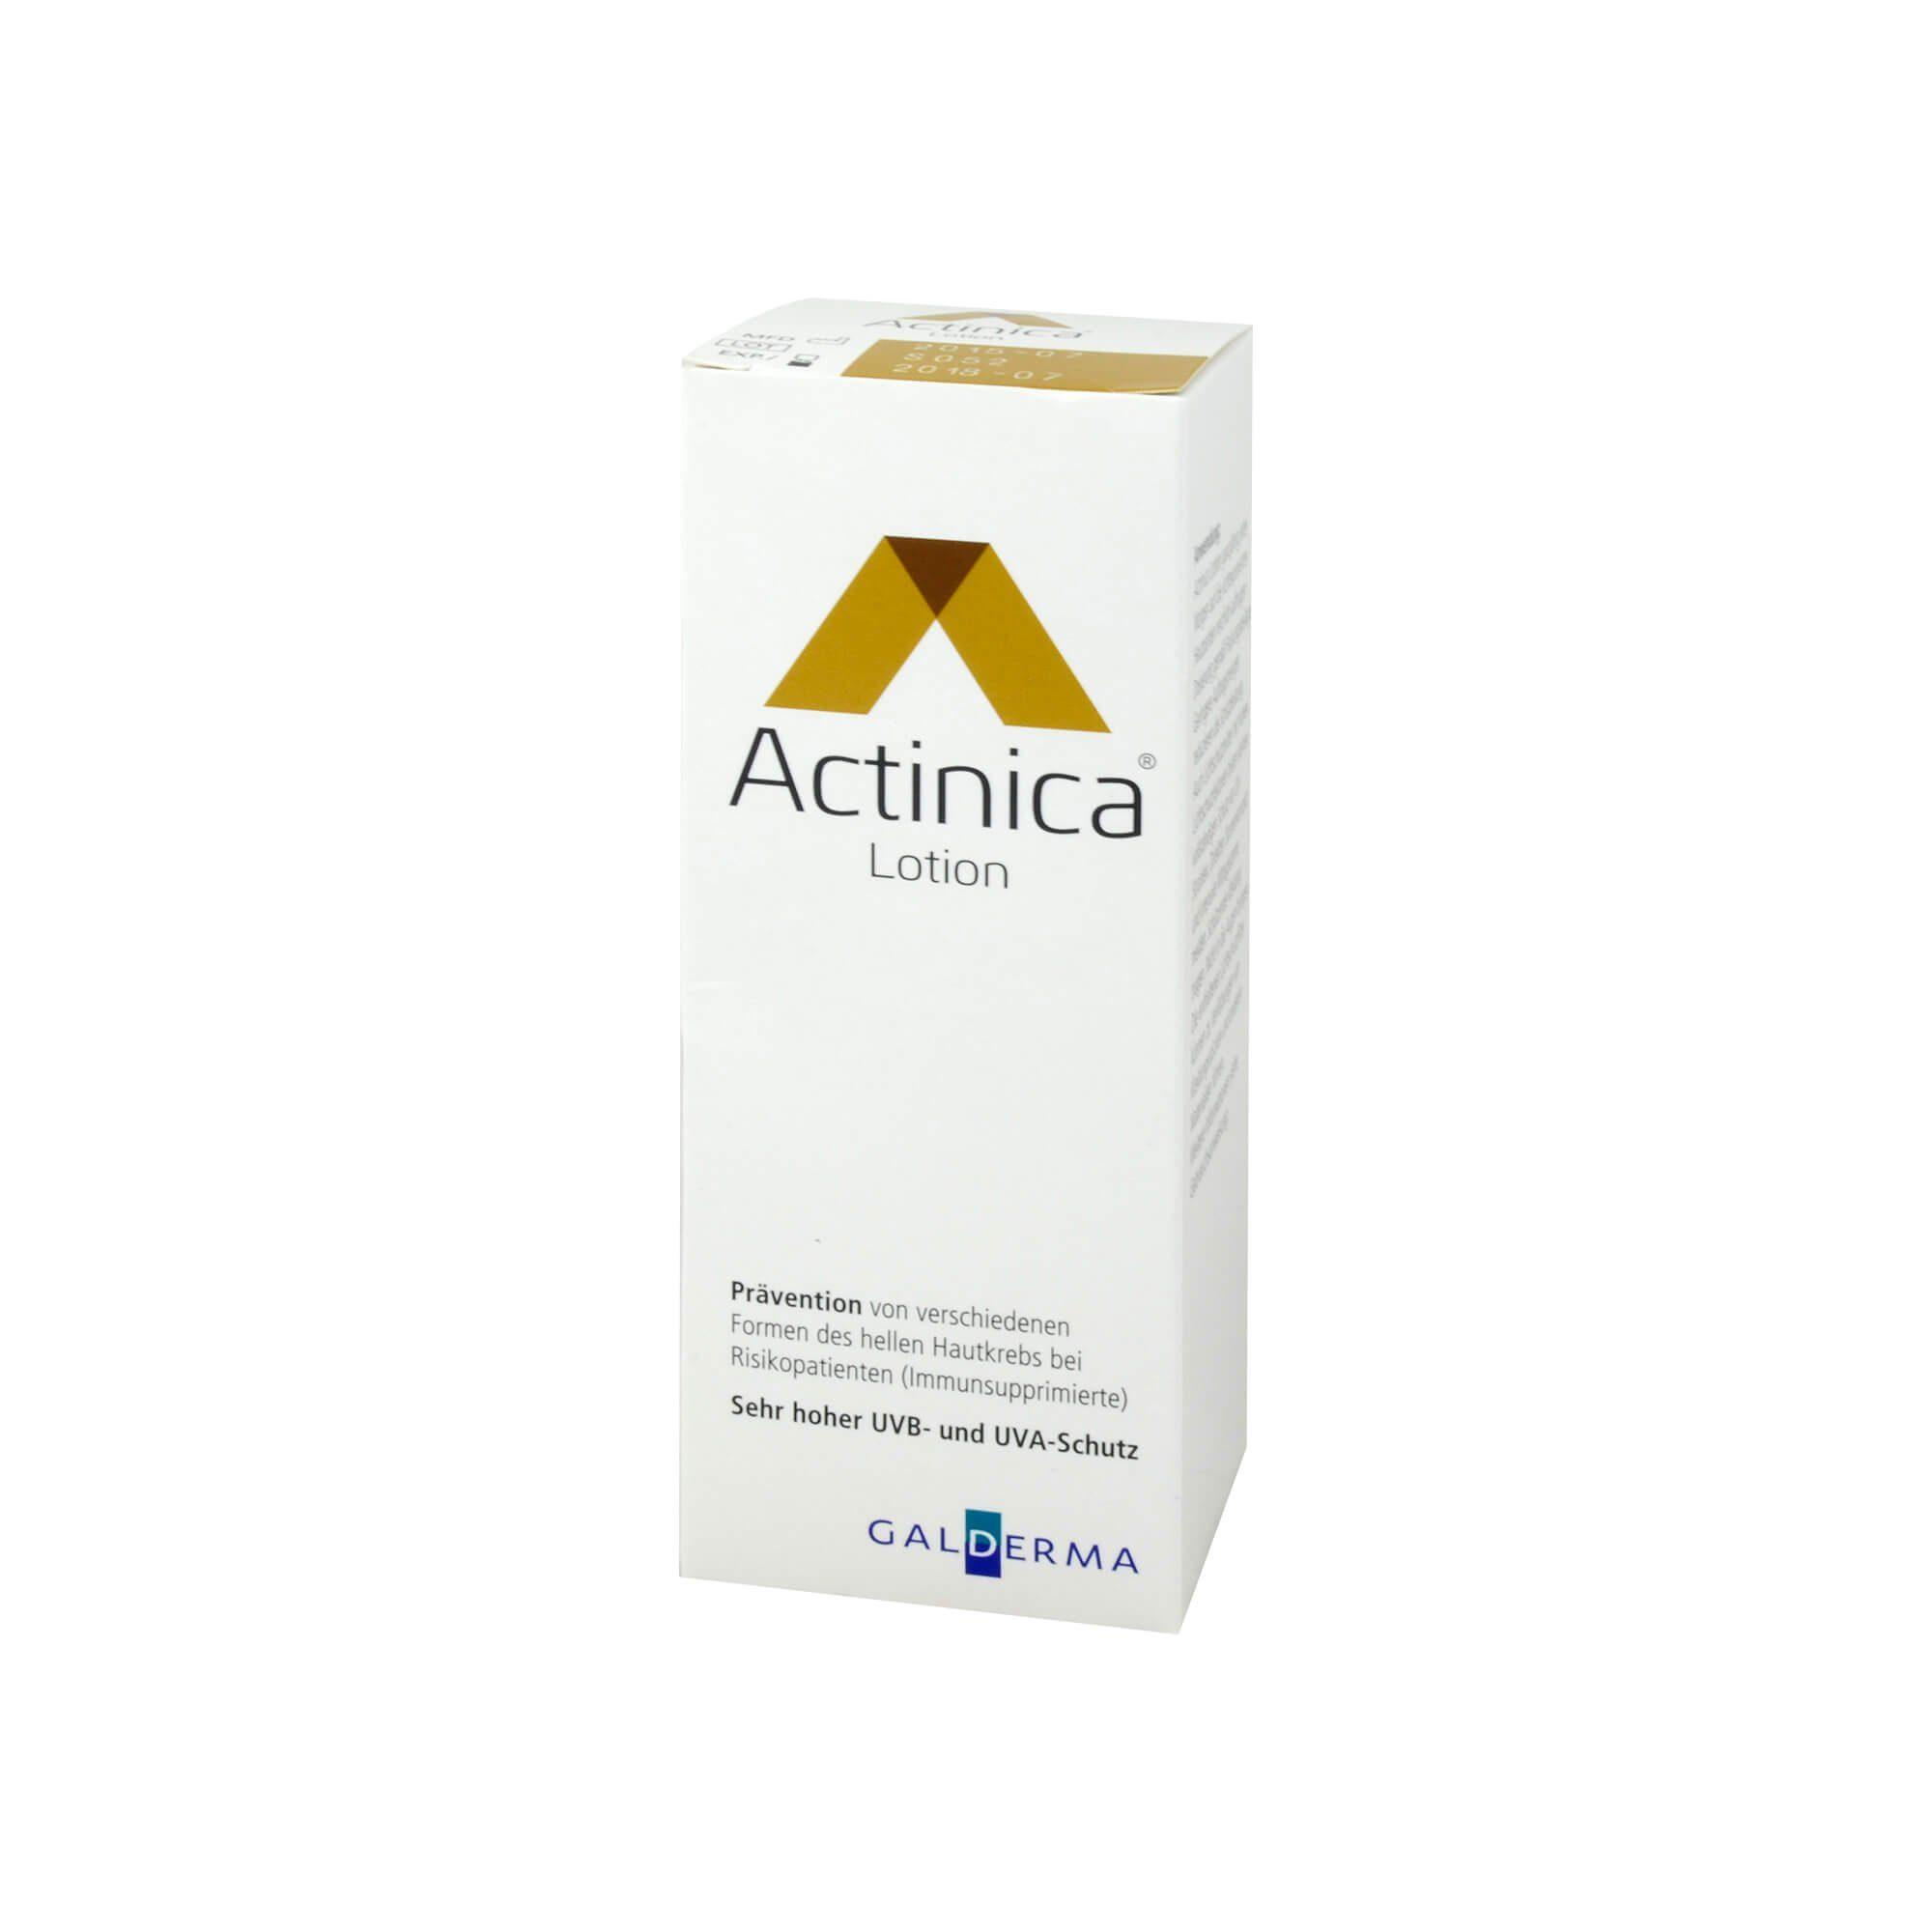 Actinica Lotion mit Breitspektrum-UV-Schutz, 100 g